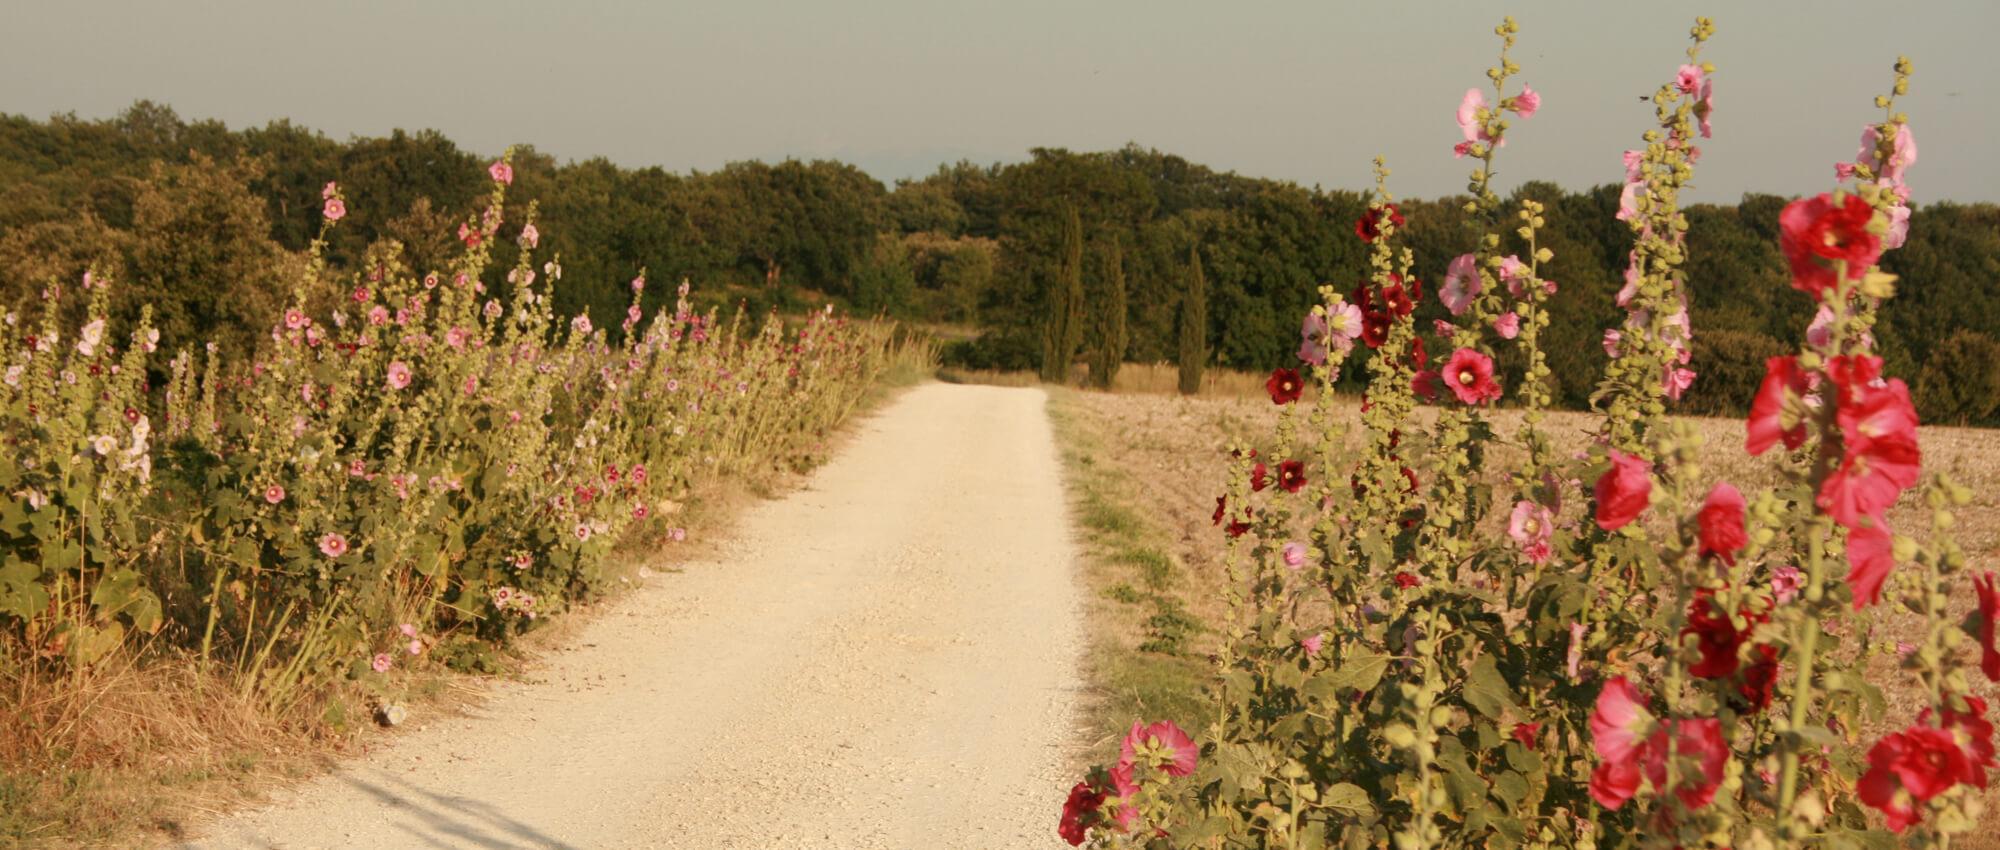 les roses trémières du chemin d'arrivée à font peyrins